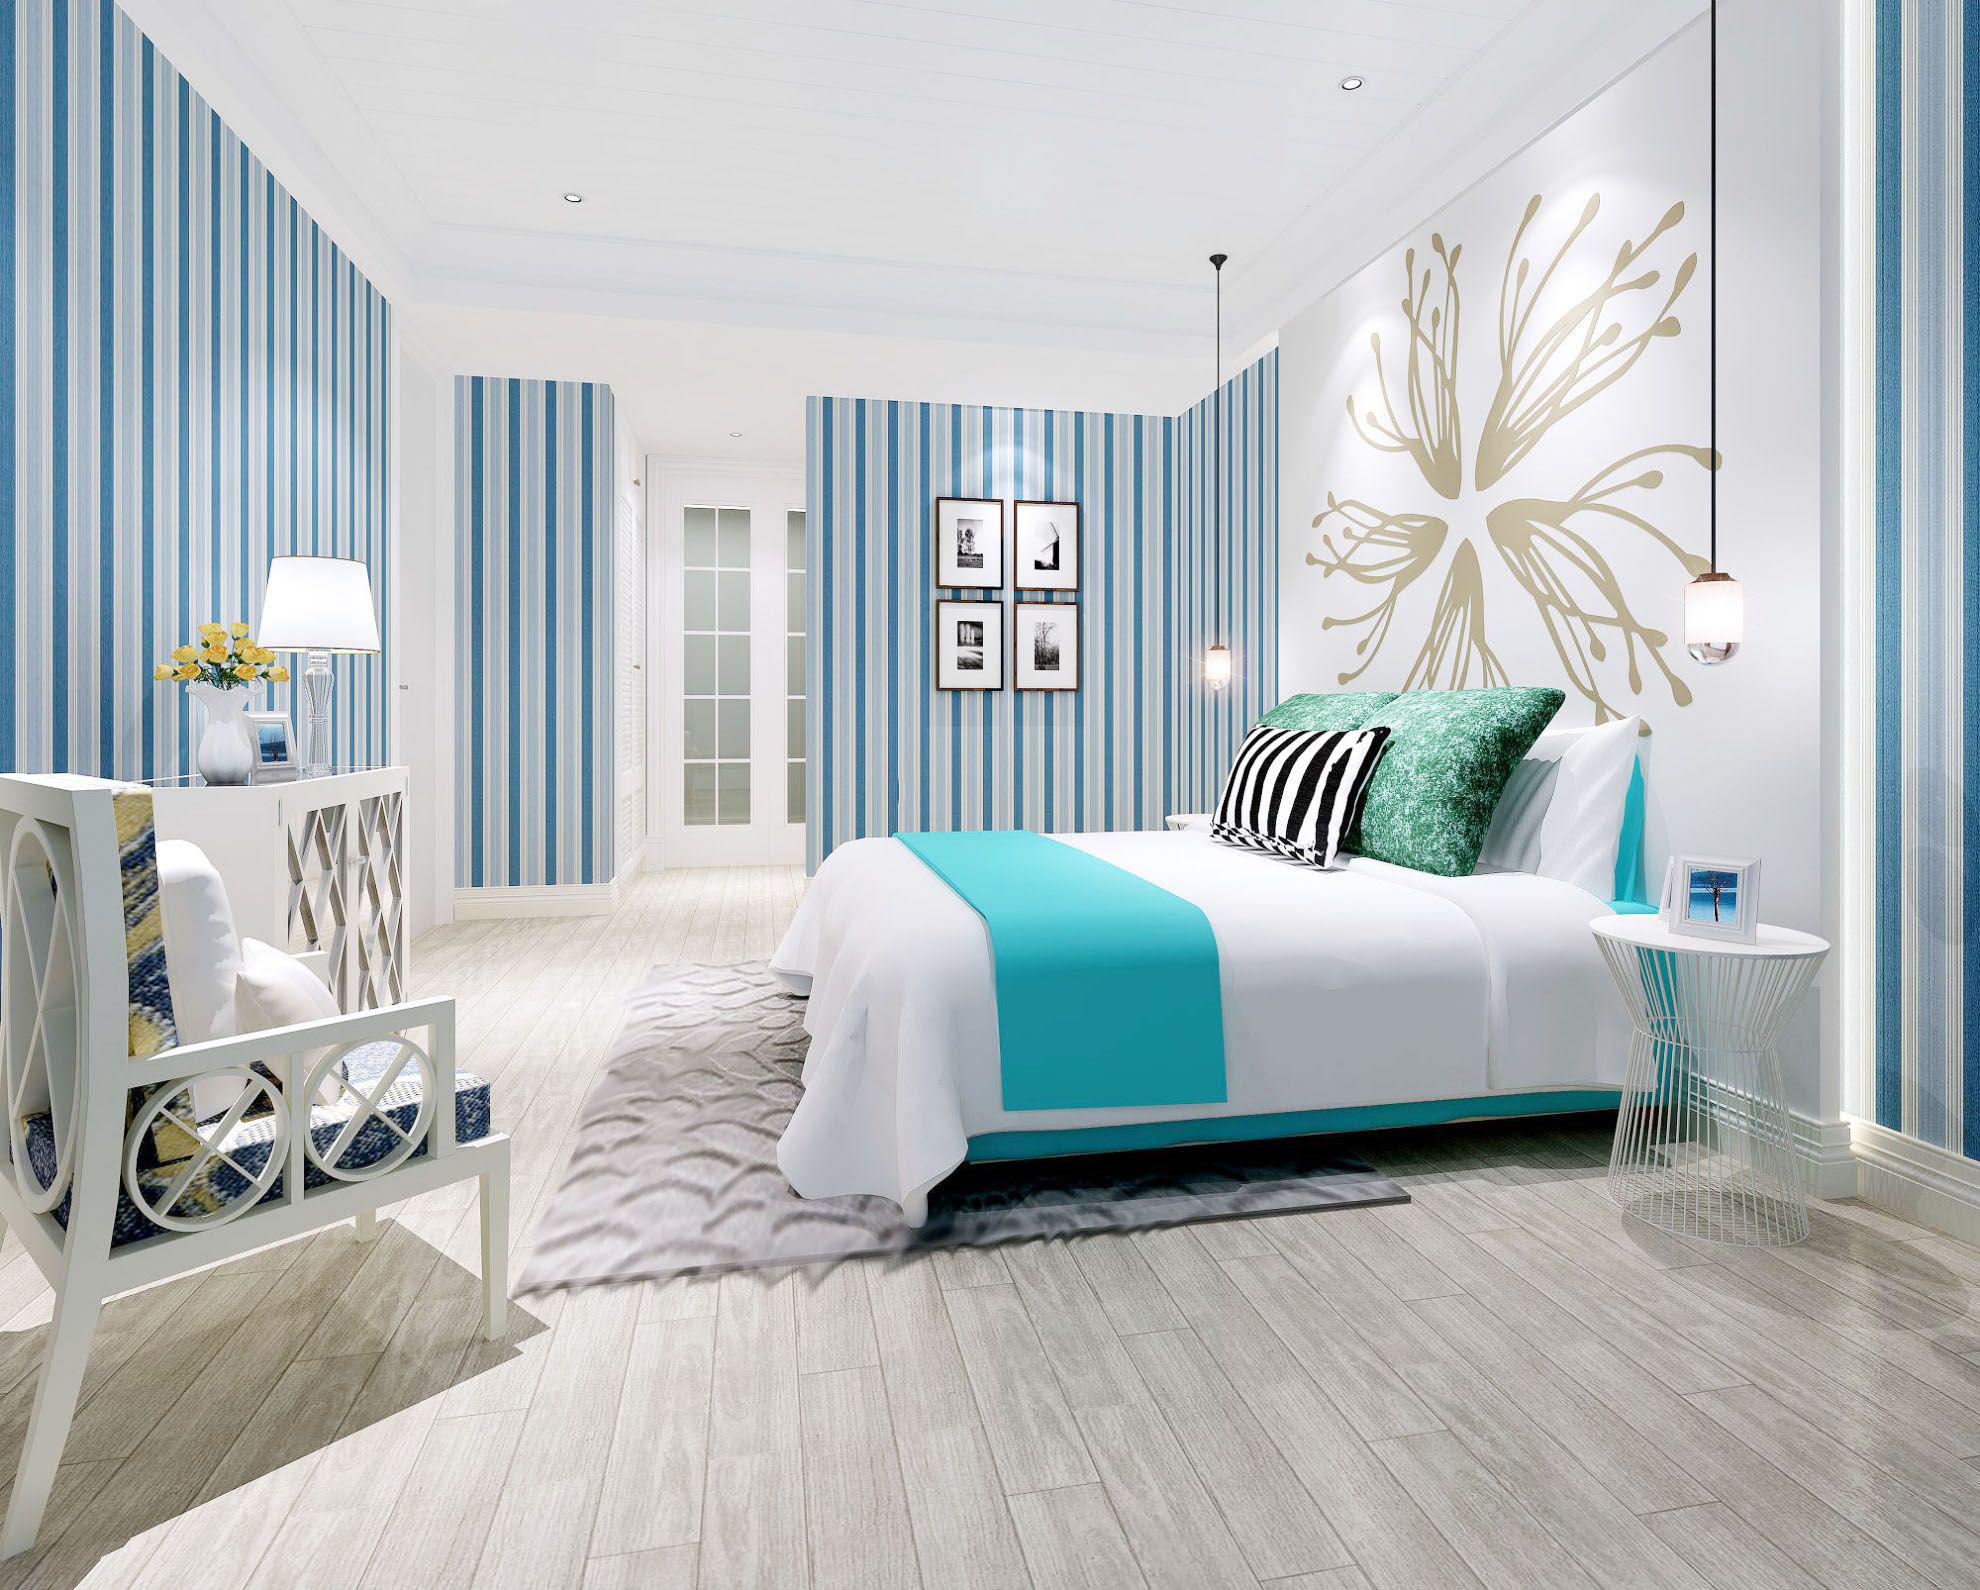 卧室装修灯饰这样搭配 好看又温馨!